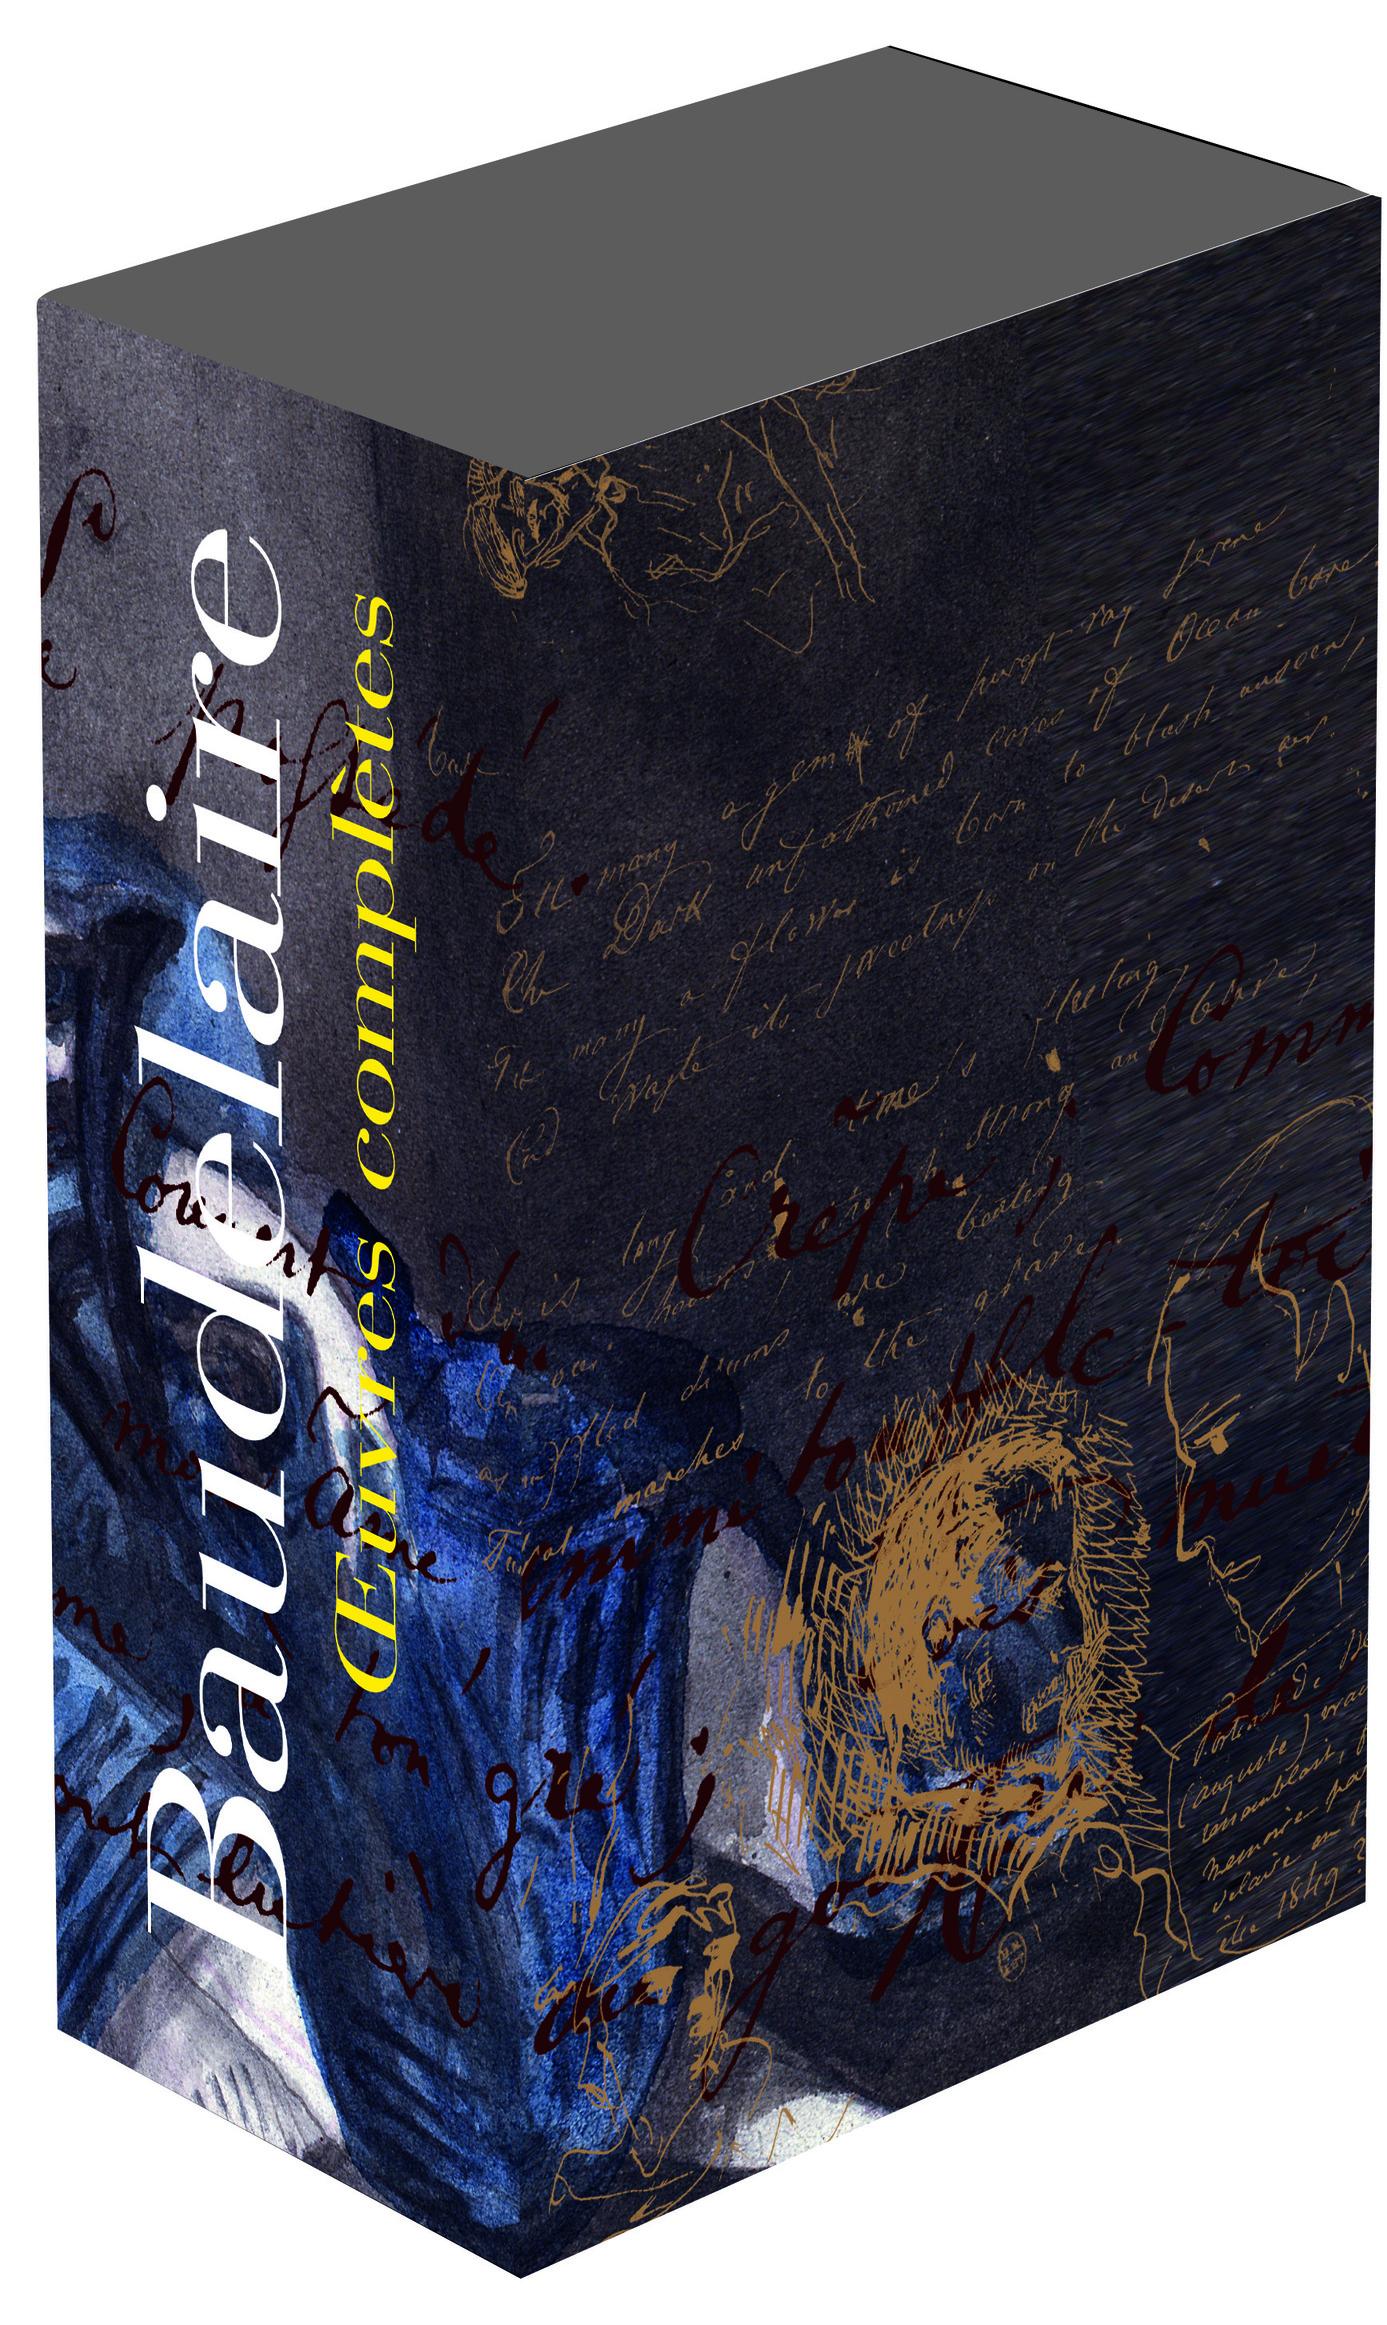 Charles Baudelaire, Œuvres complètes I, II (éd. C. Pichois)